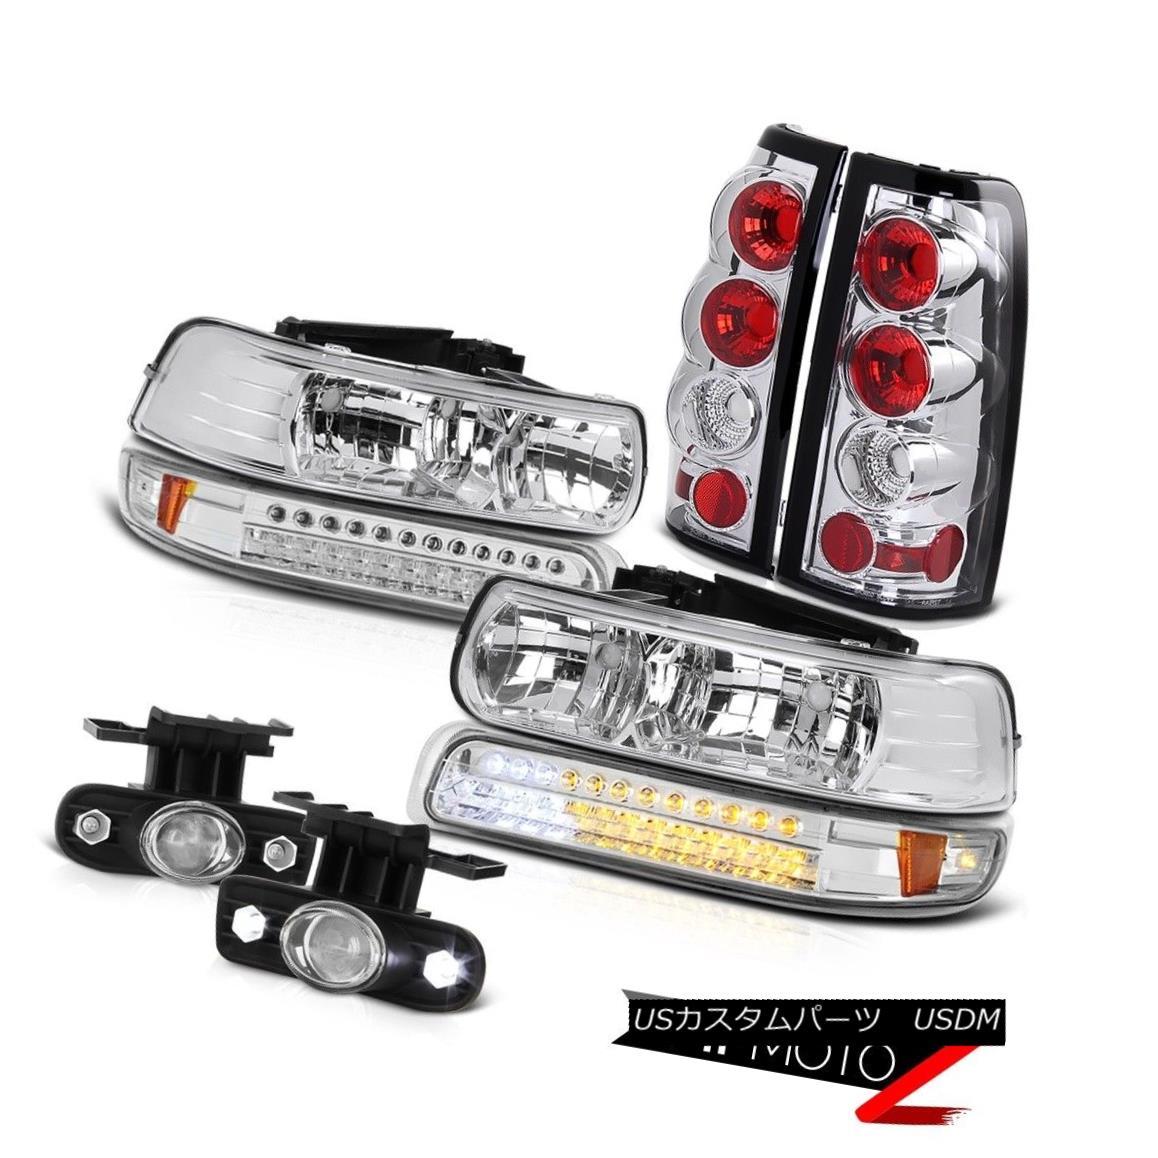 テールライト Chrome Headlamp Euro Rear Taillamps Projector Driving Fog 99-02 Silverado 2500HD クロームヘッドランプユーロリアタイヤンププロジェクタードライビングフォグ99-02 Silverado 2500HD